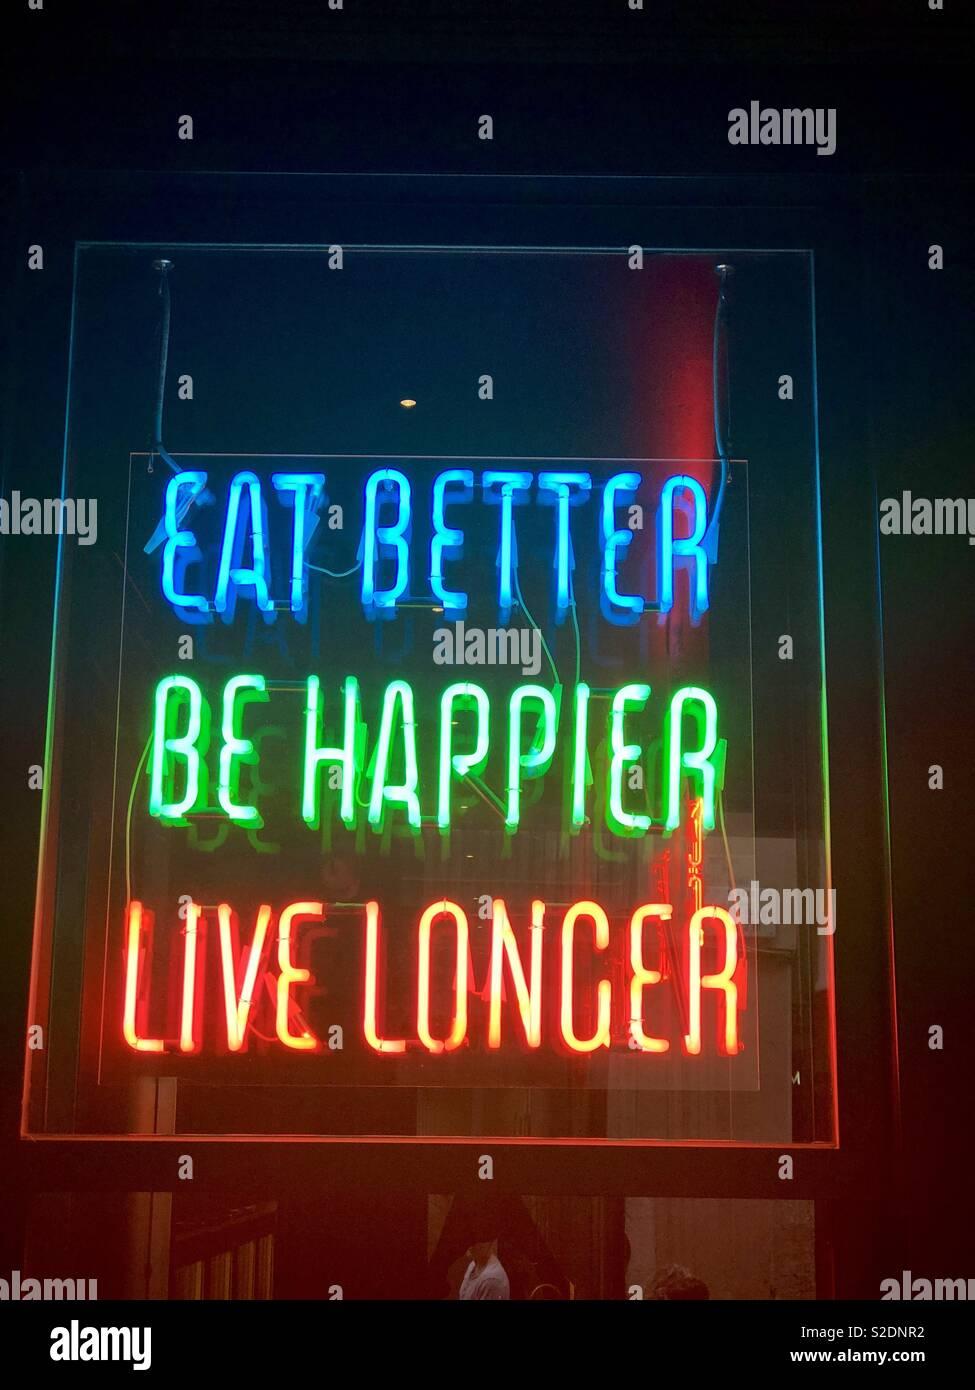 Inspirational led wording - Stock Image